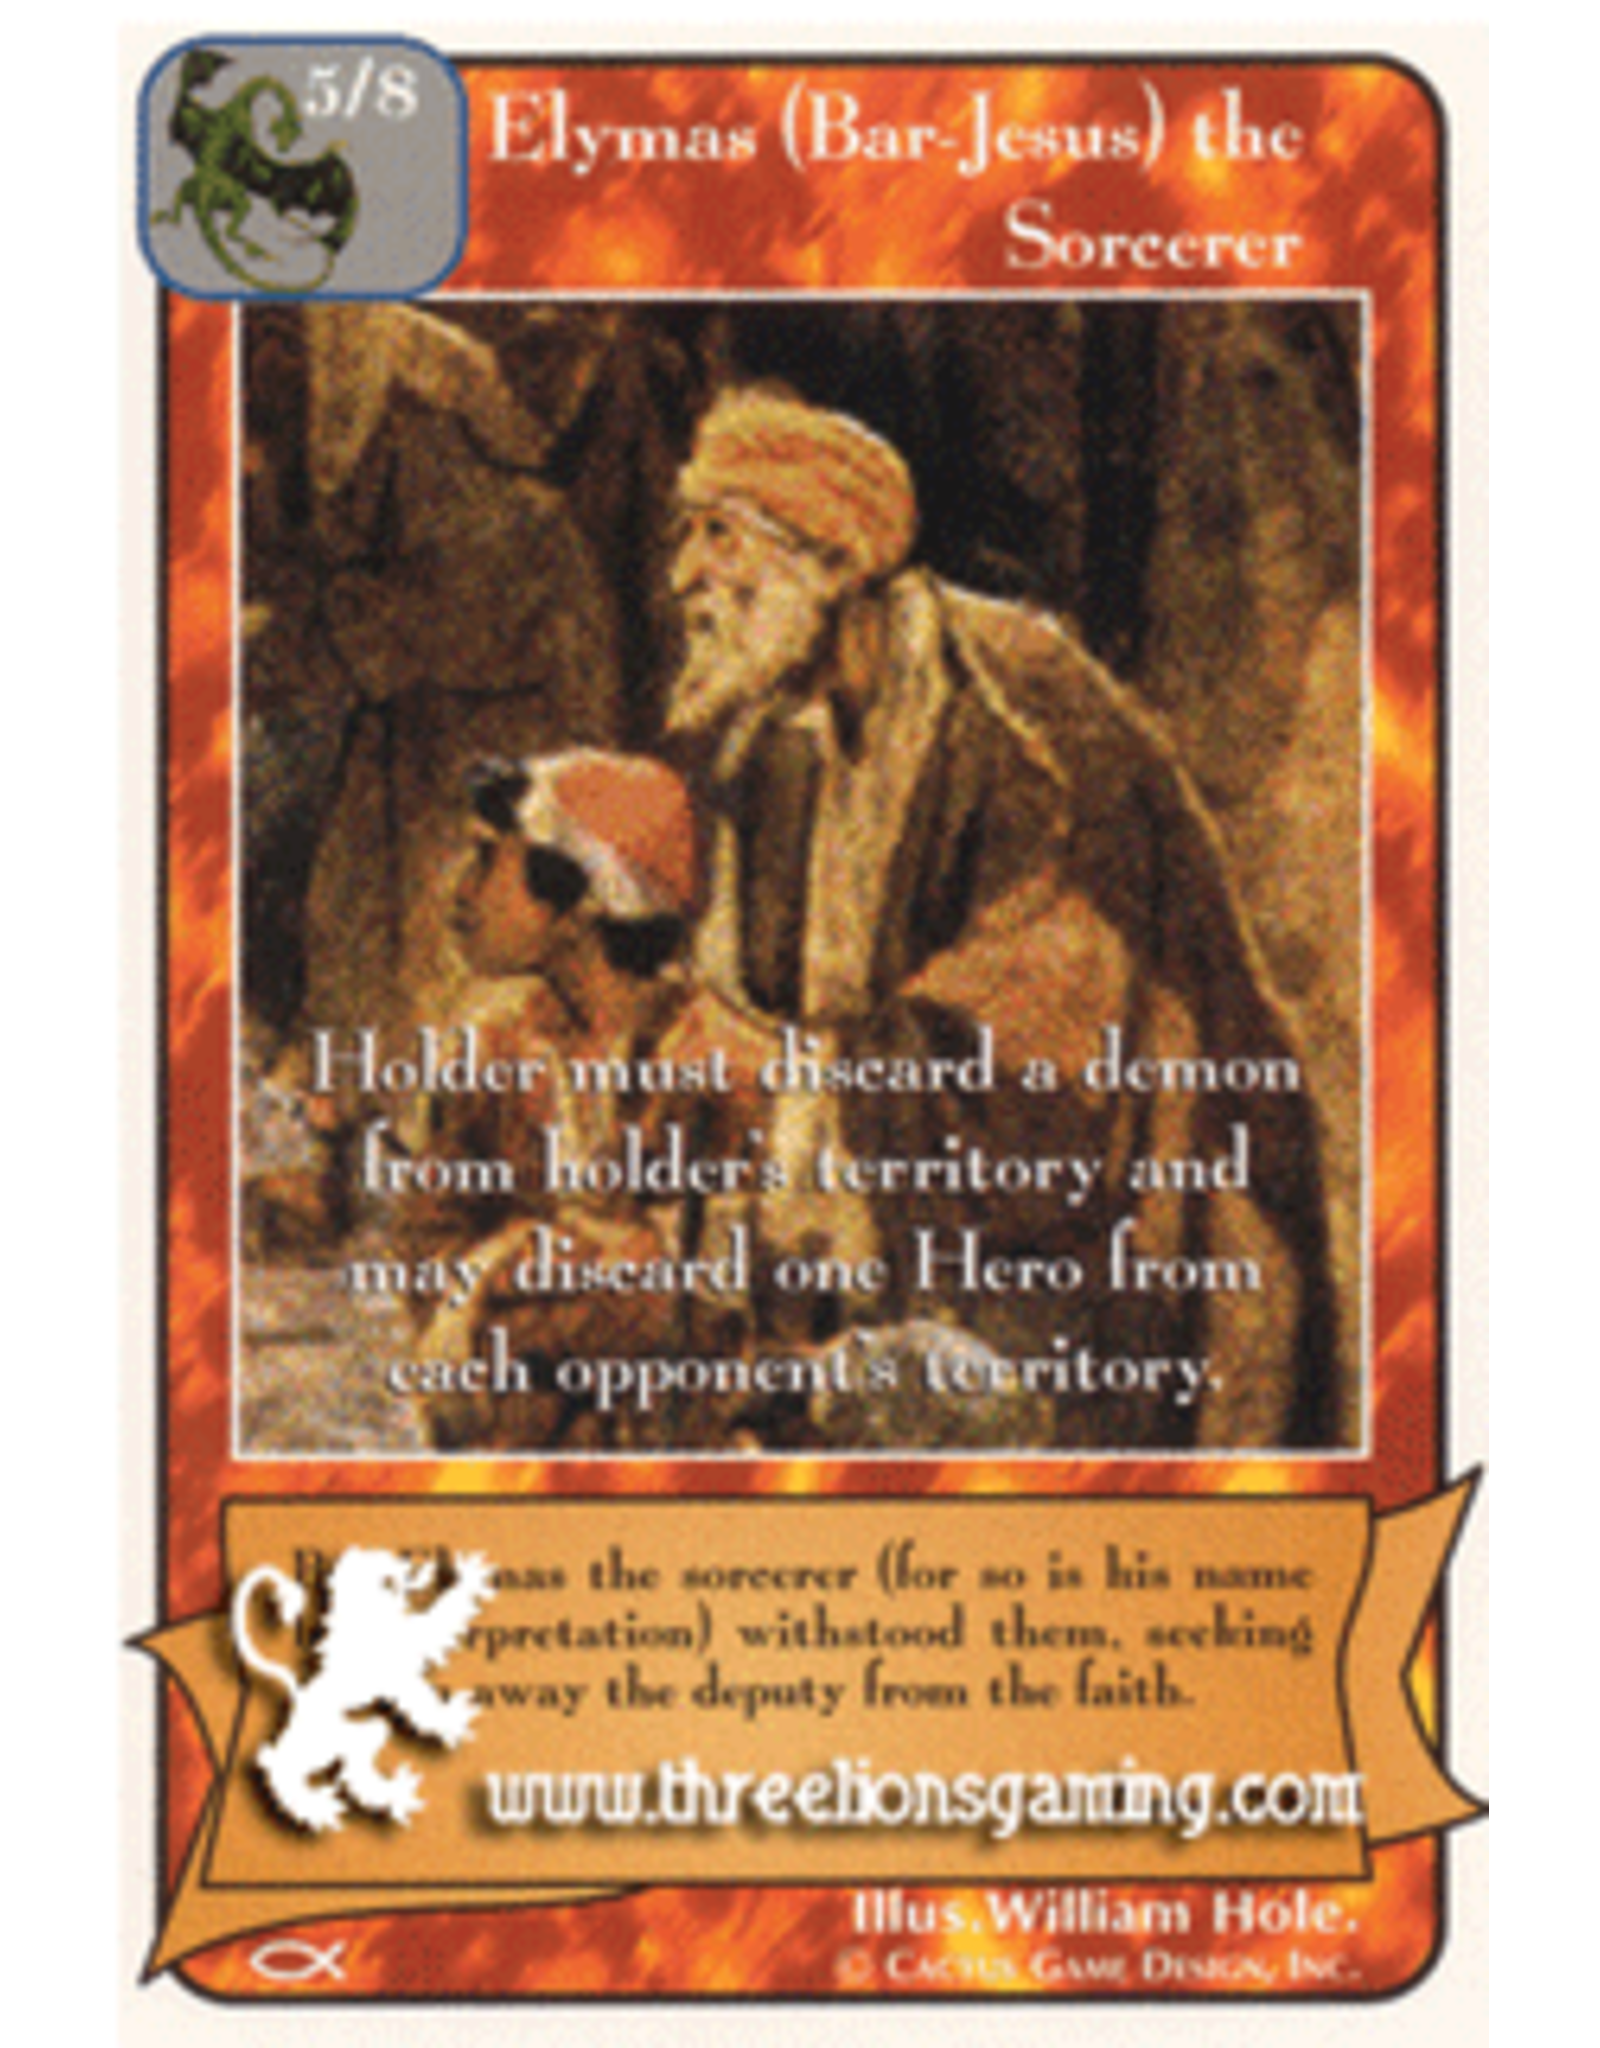 Elymas (Bar-Jesus) the Sorcerer (AP)